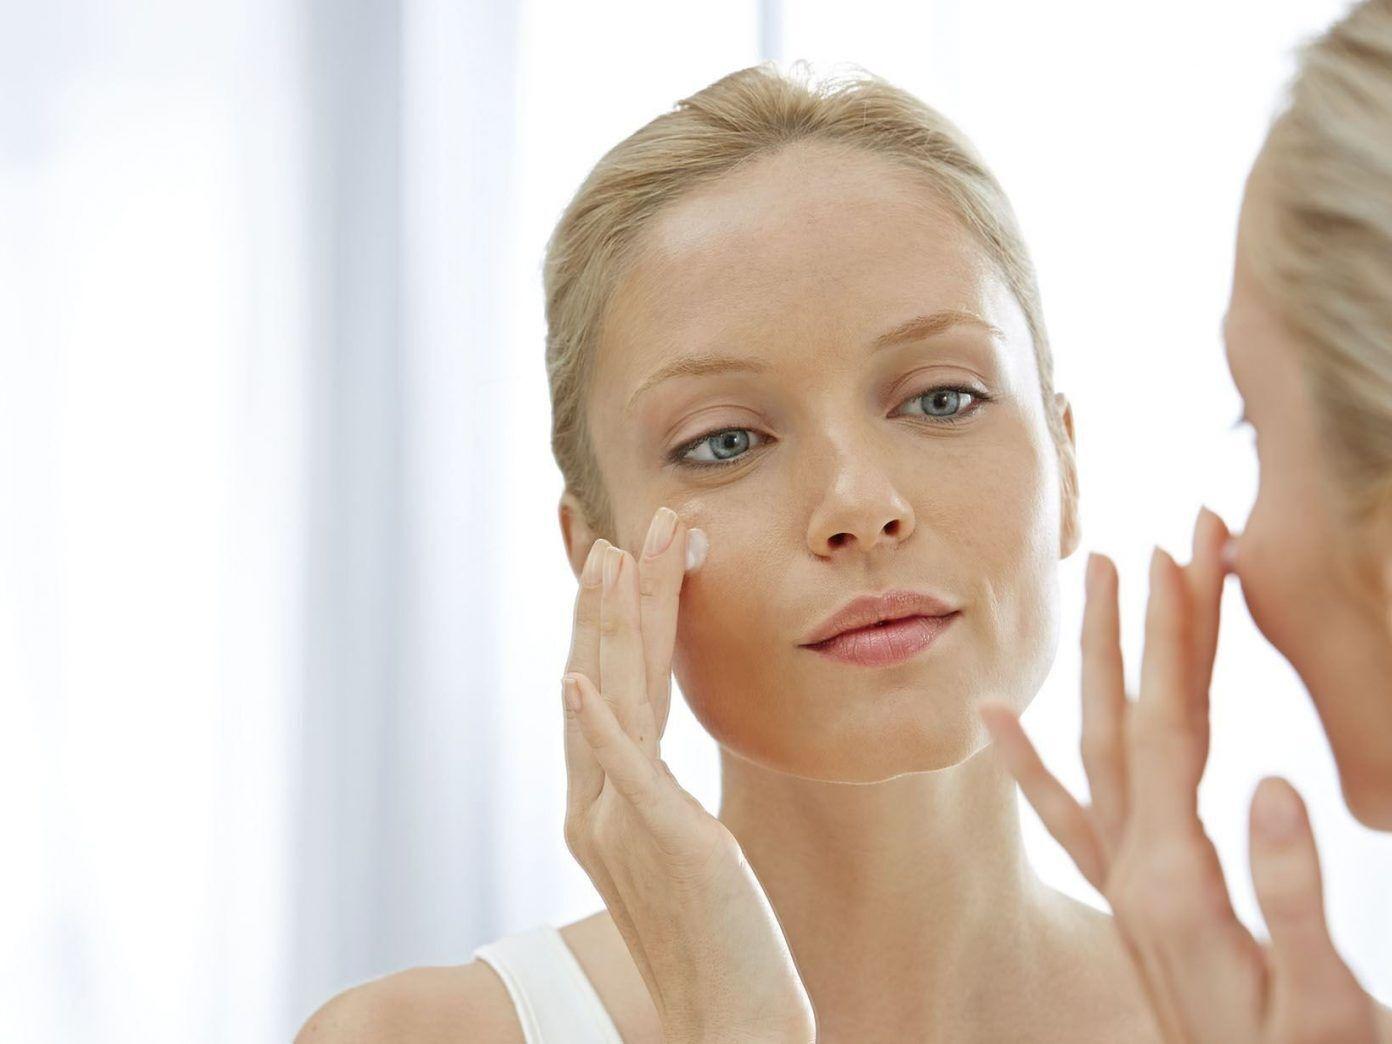 Відлущування шкіри надасть обличчю після похмілля здоровішого вигляду.